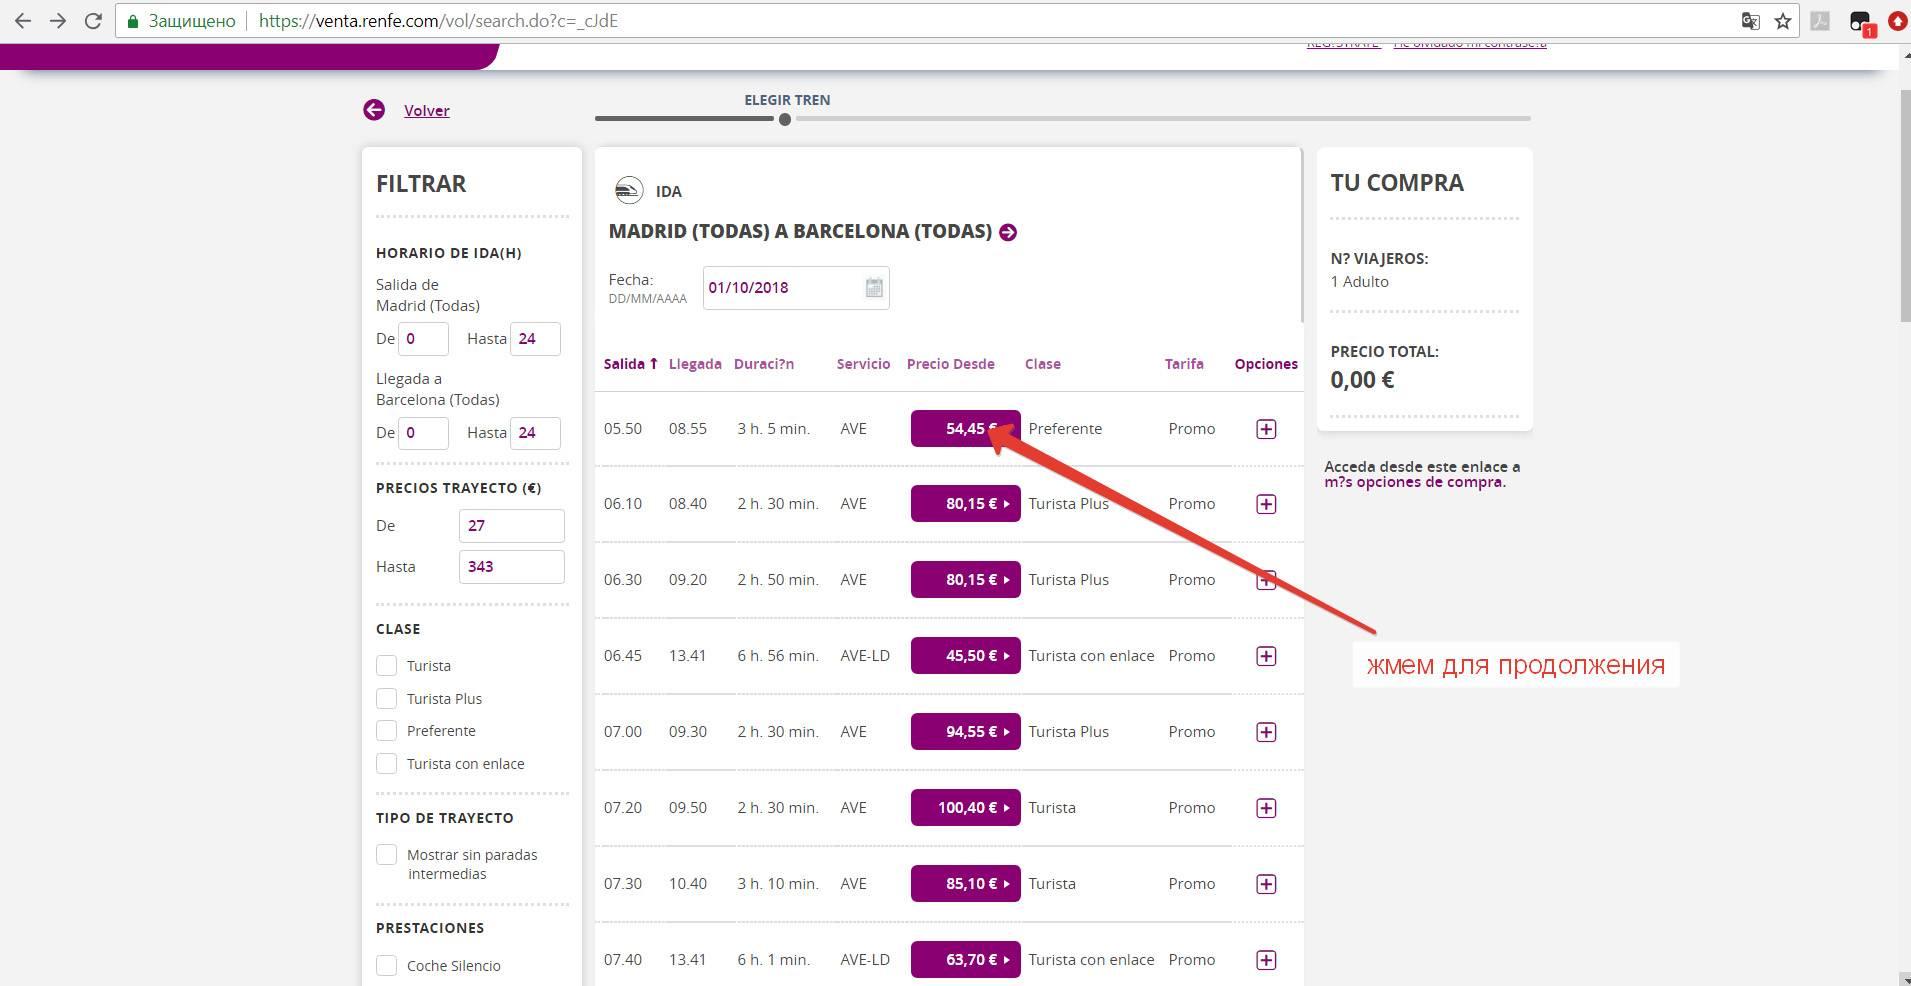 Как добраться из мадрида в валенсию: поезд, автобус, такси, машина. расстояние, цены на билеты и расписание 2021 на туристер.ру